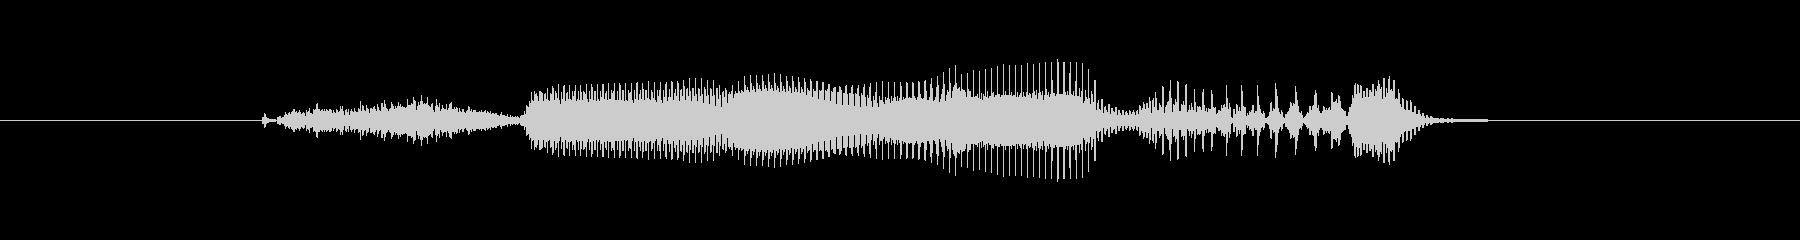 【確認】そう思えるん?(関西弁)の未再生の波形